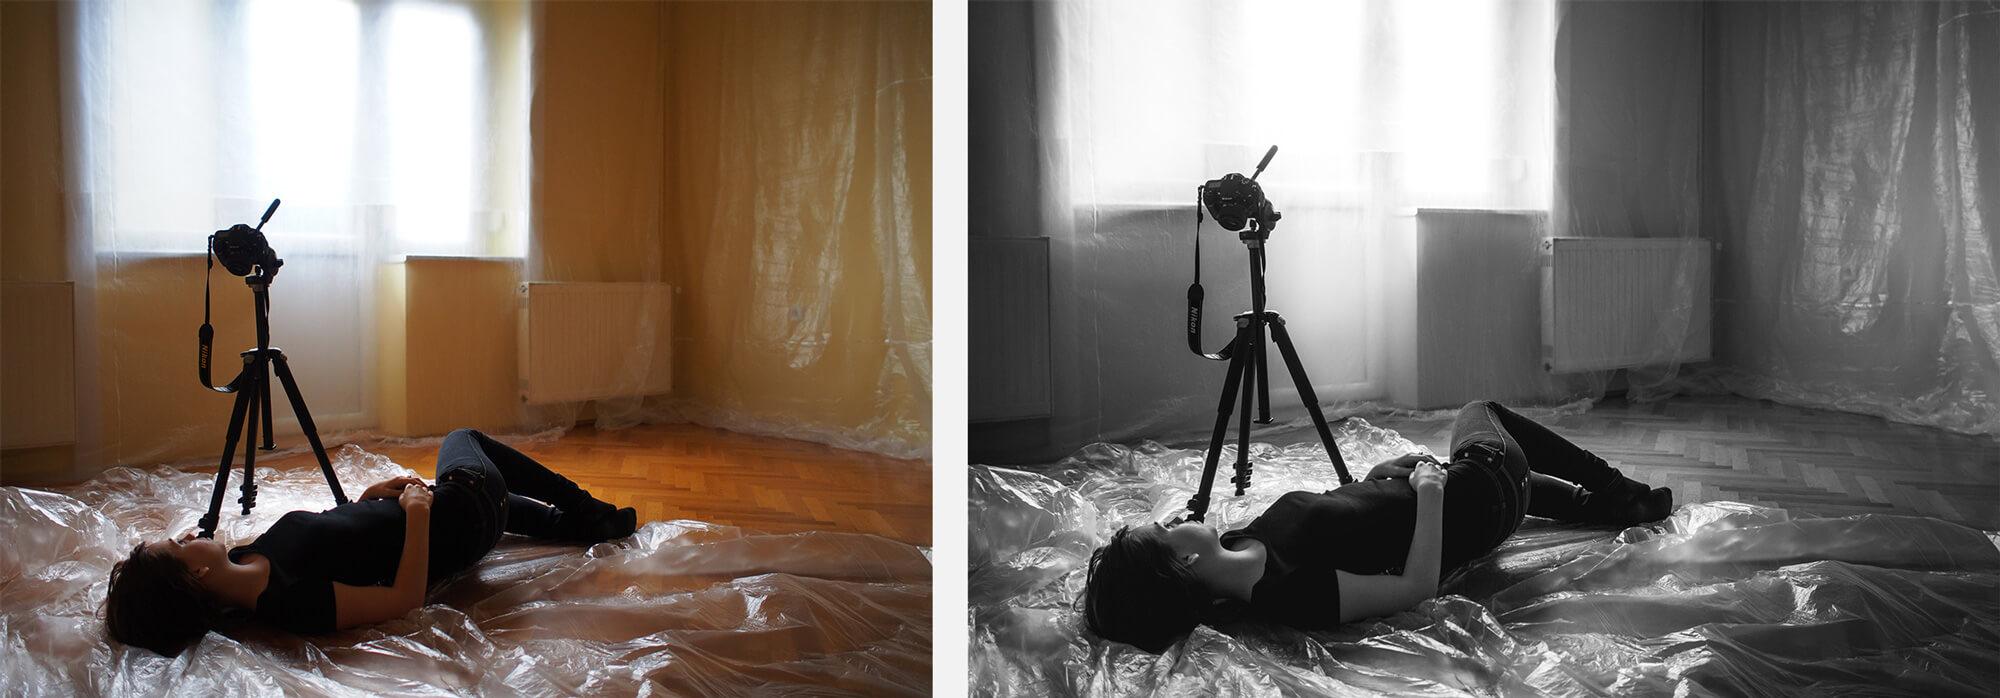 Bal oldalon az eredeti kép és jobb oldalon a feldolgozott.